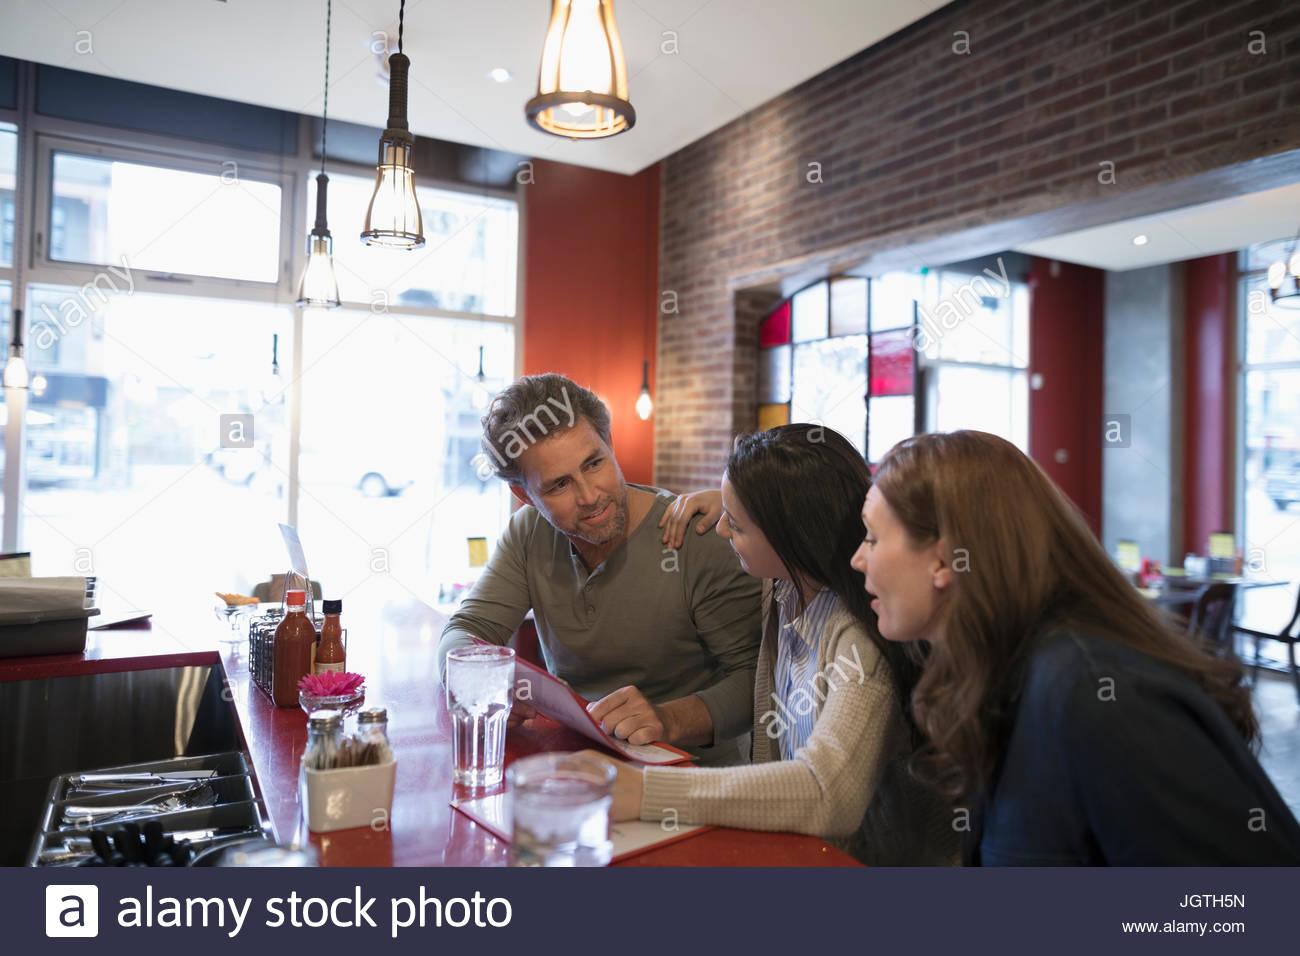 Padres e hija adolescente busca en menú, cenando en el comedor counter Imagen De Stock